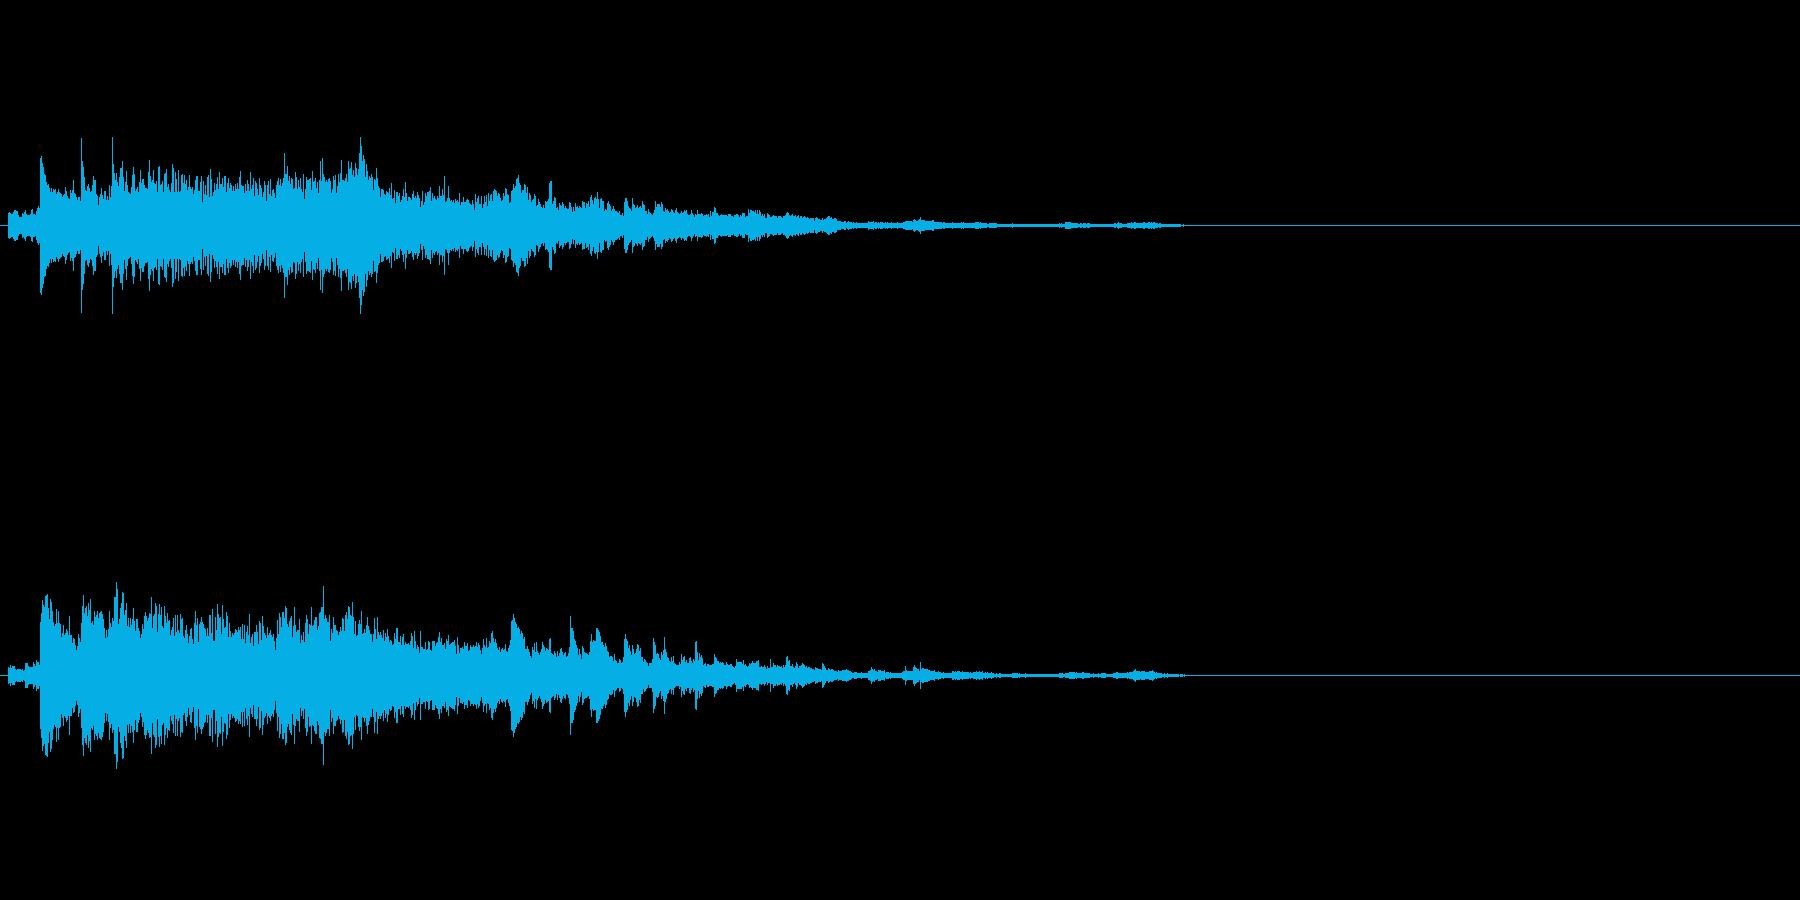 複数音が混じったゴージャスなキラキラキ…の再生済みの波形